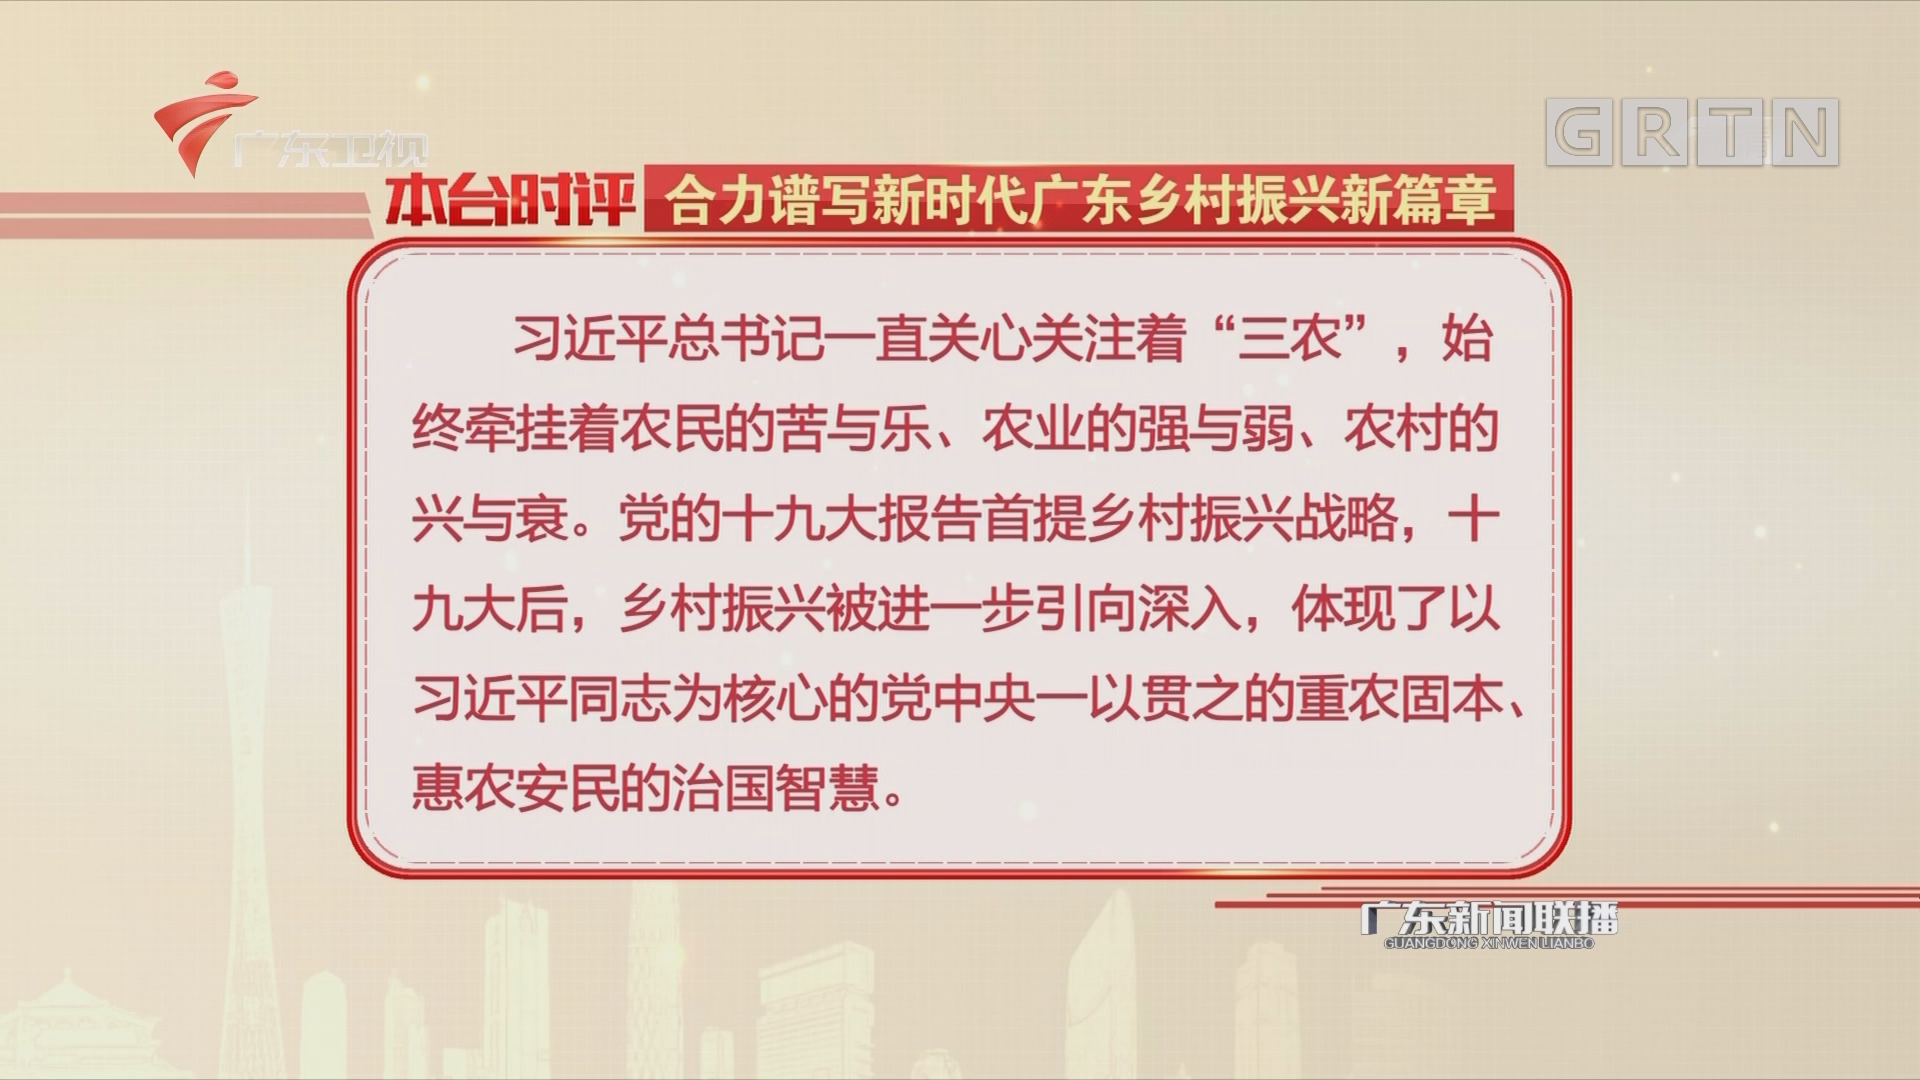 合力谱写新时代广东乡村振兴新篇章